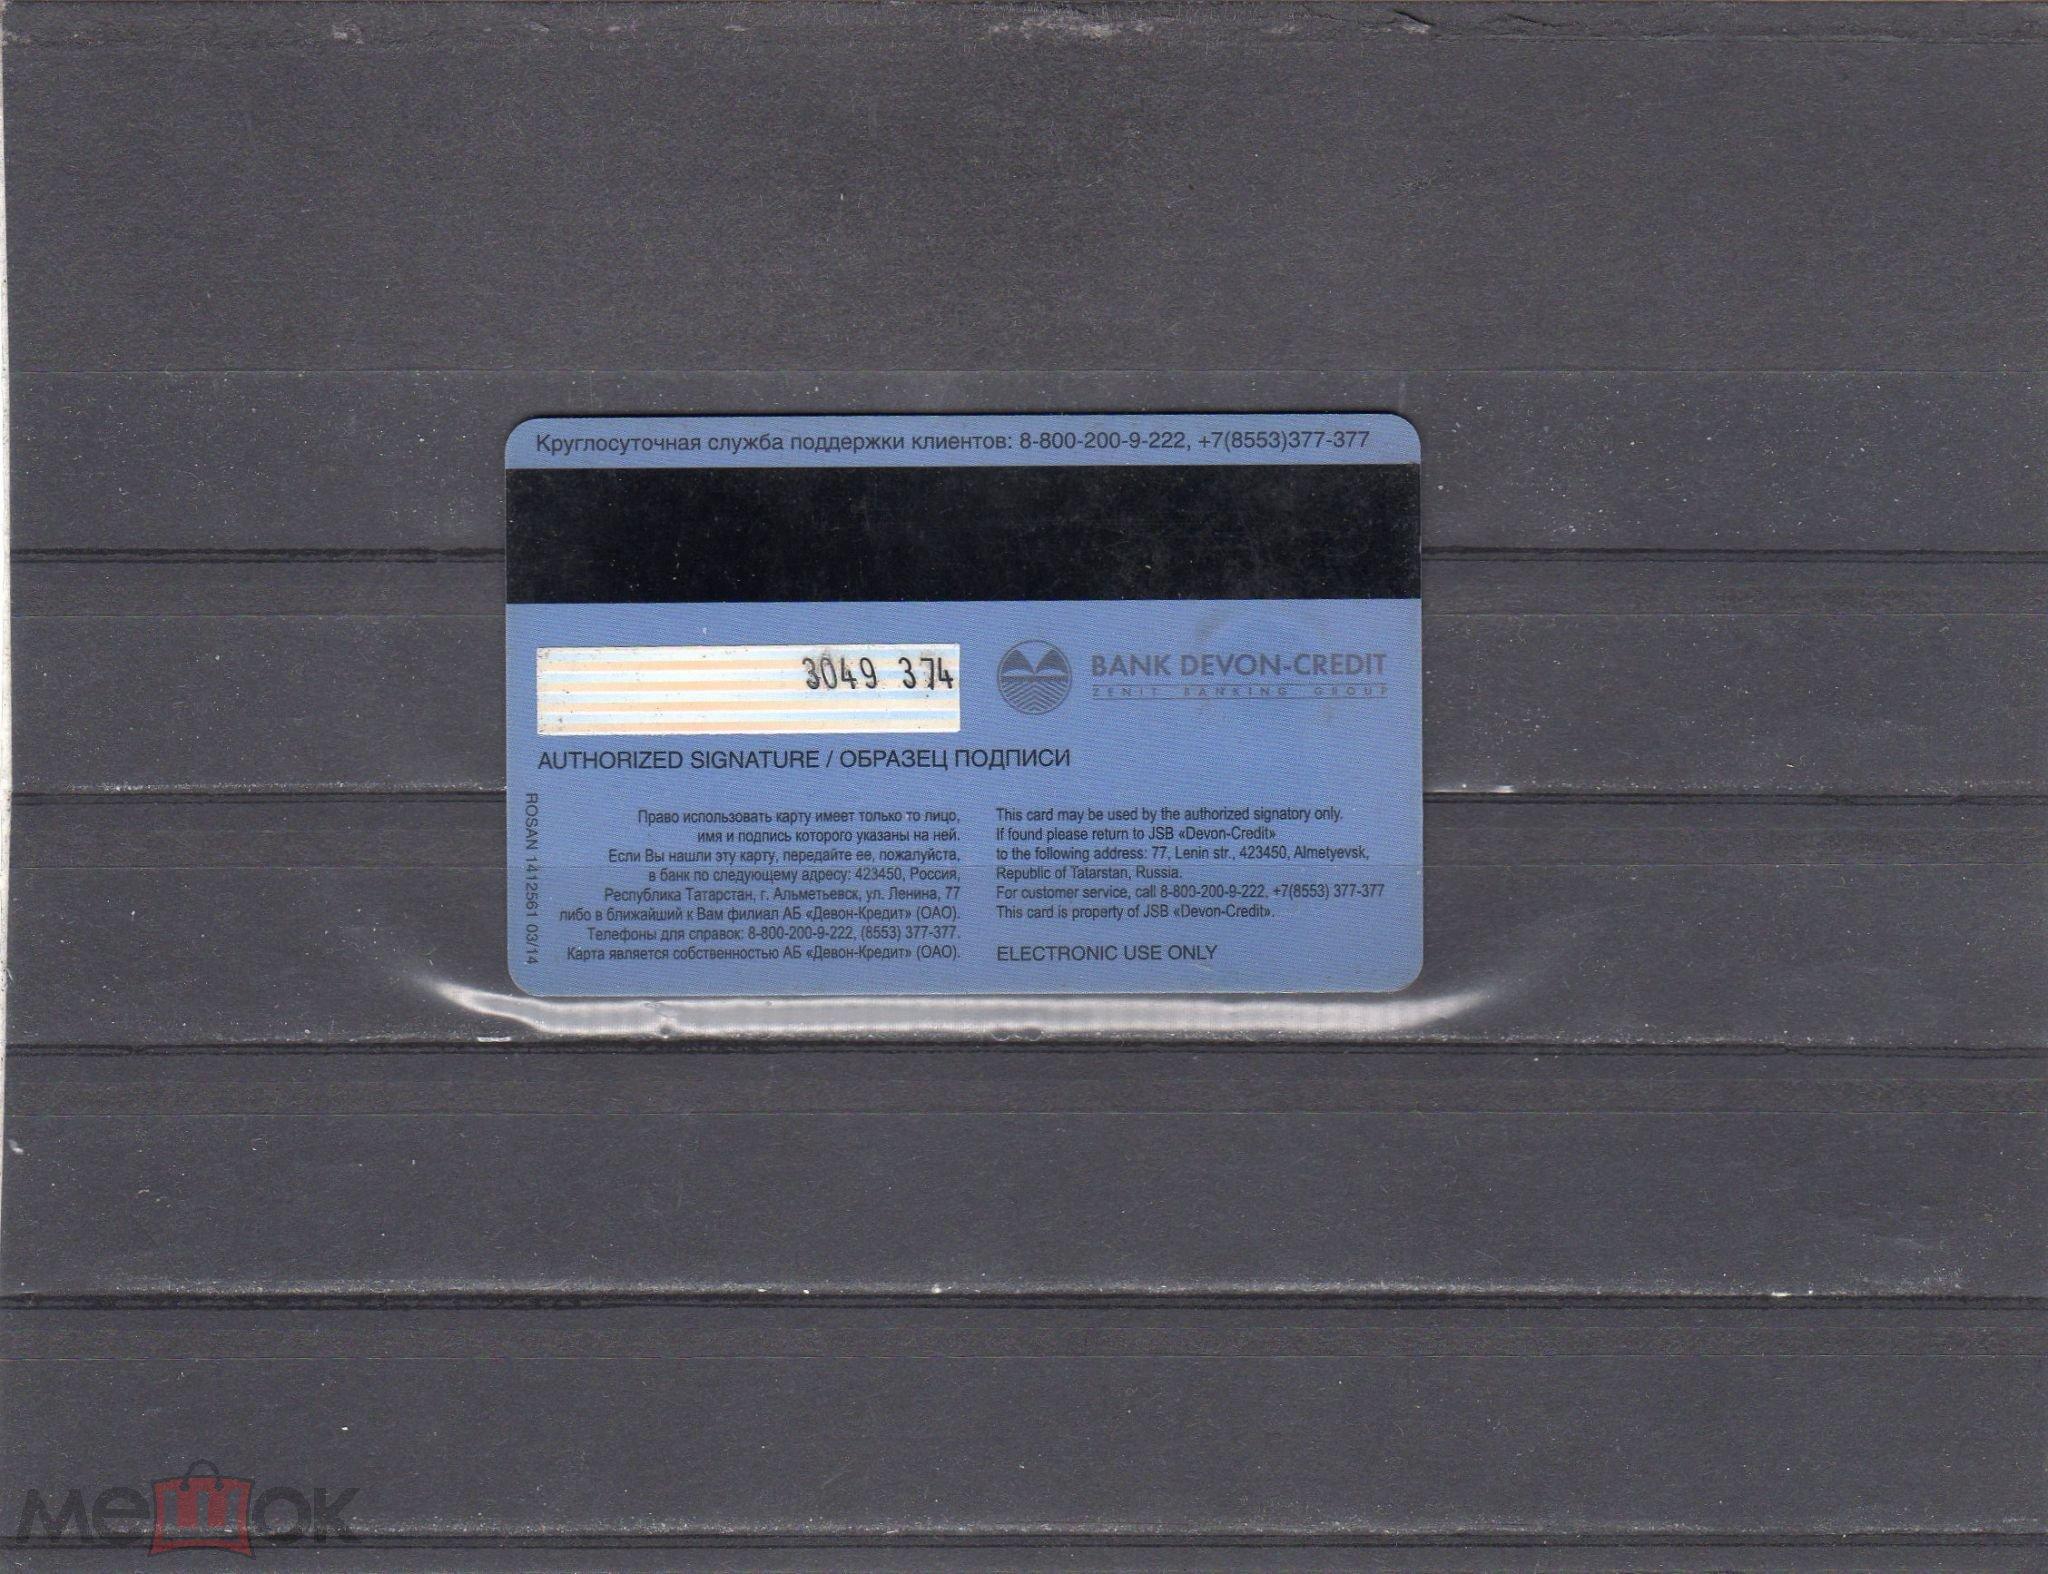 Взять кредит наличными без справок и поручителей в москве с плохой кредитной